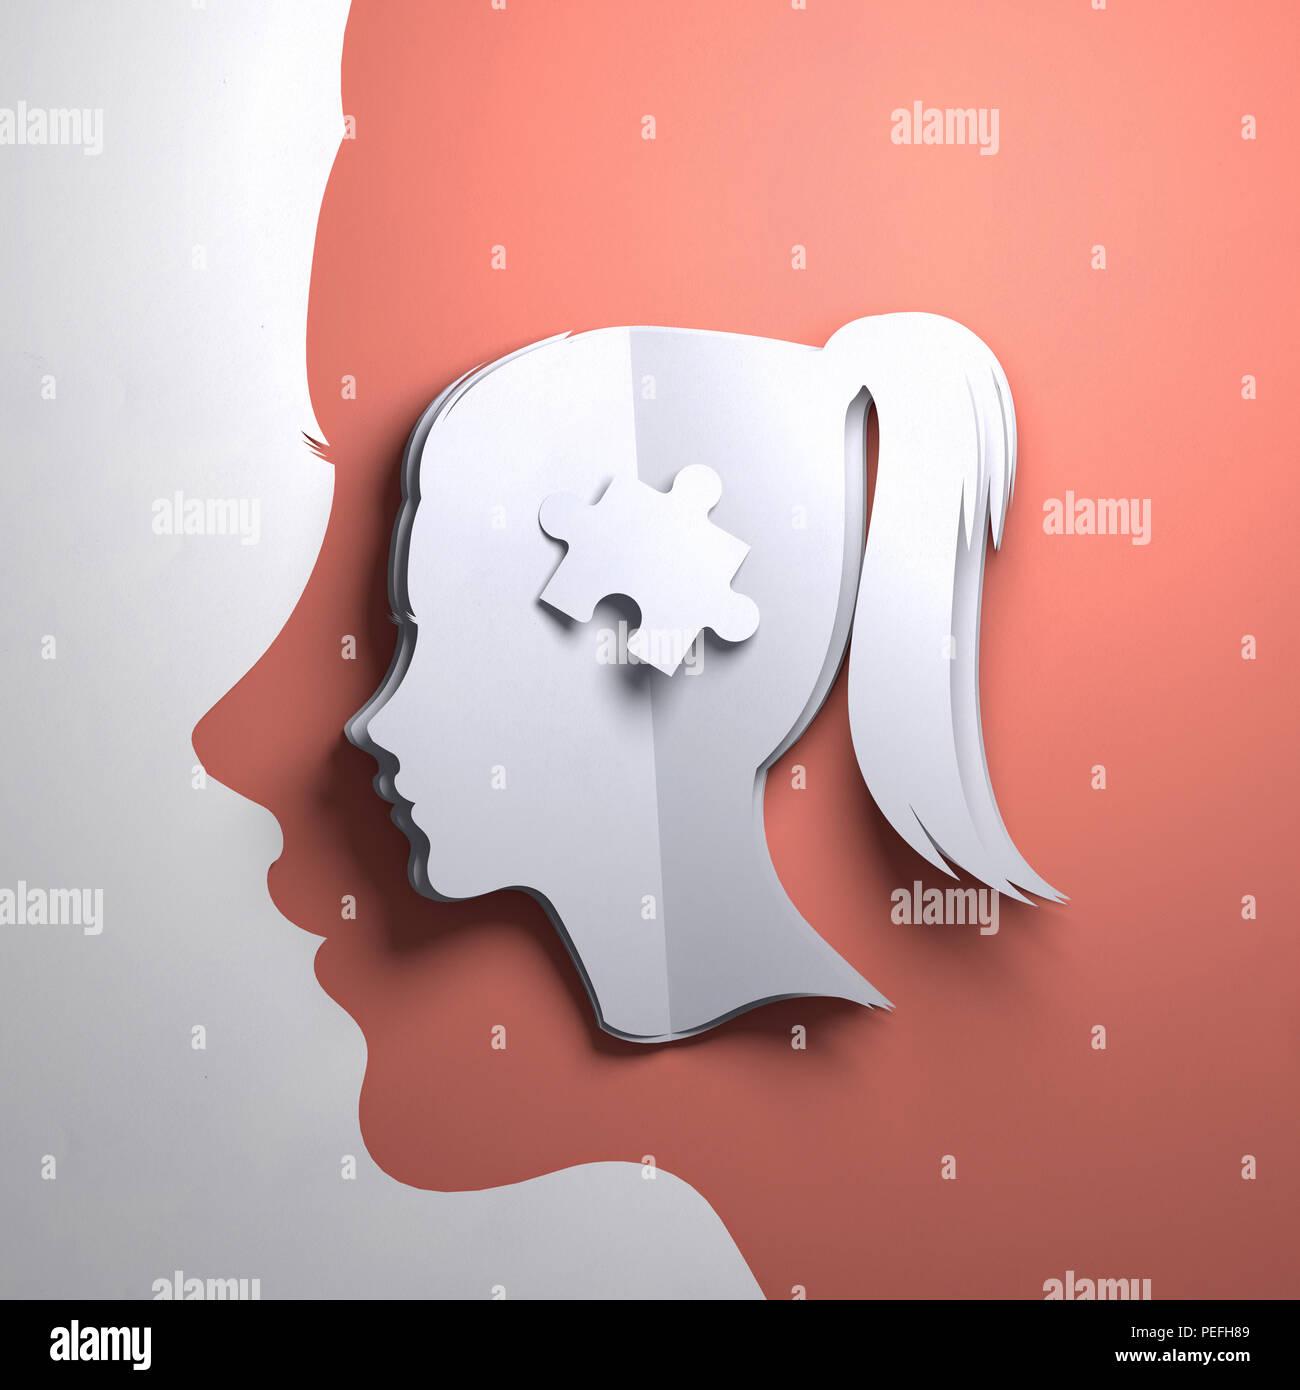 Arte en papel plegado origami. La silueta de una cabeza de mujer con una pieza del puzzle. Mindfulness conceptual ilustración 3D. Imagen De Stock